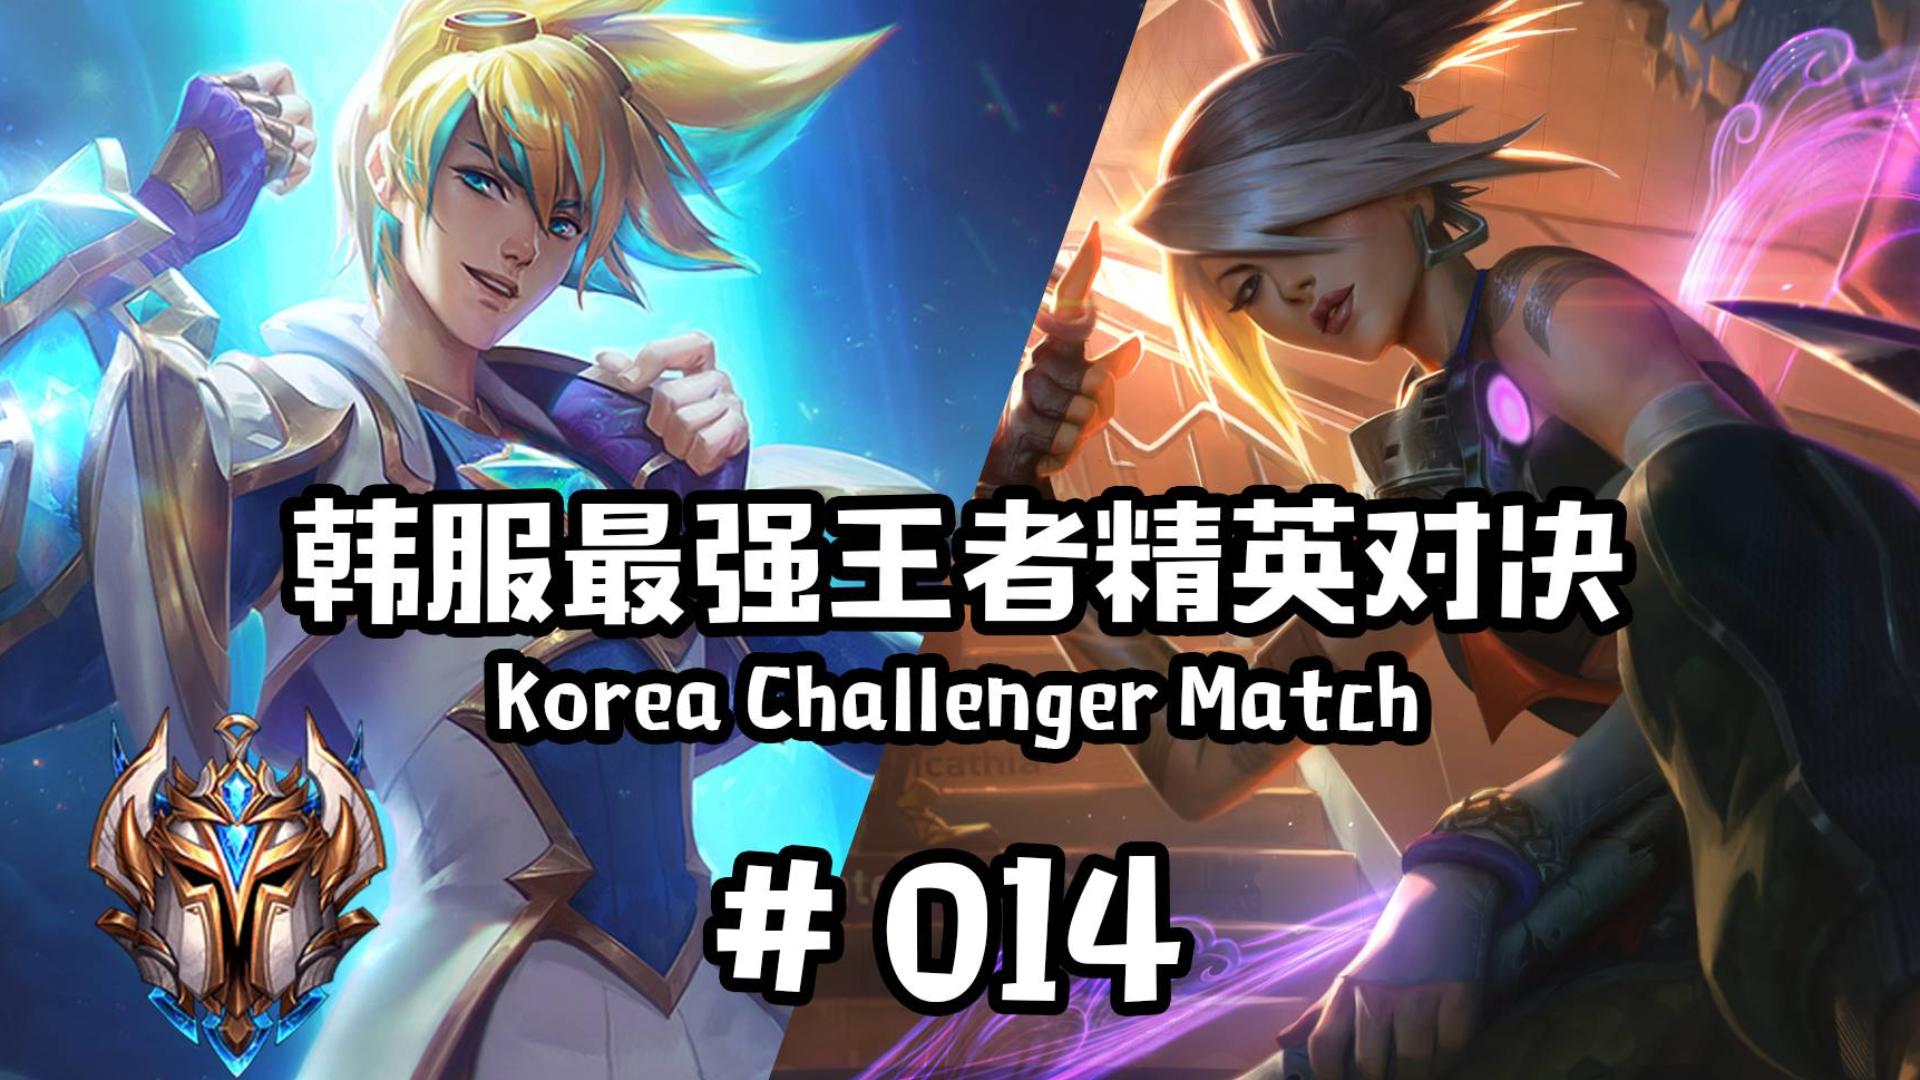 韩服最强王者精英对决 #014 丨没错 还是离谱